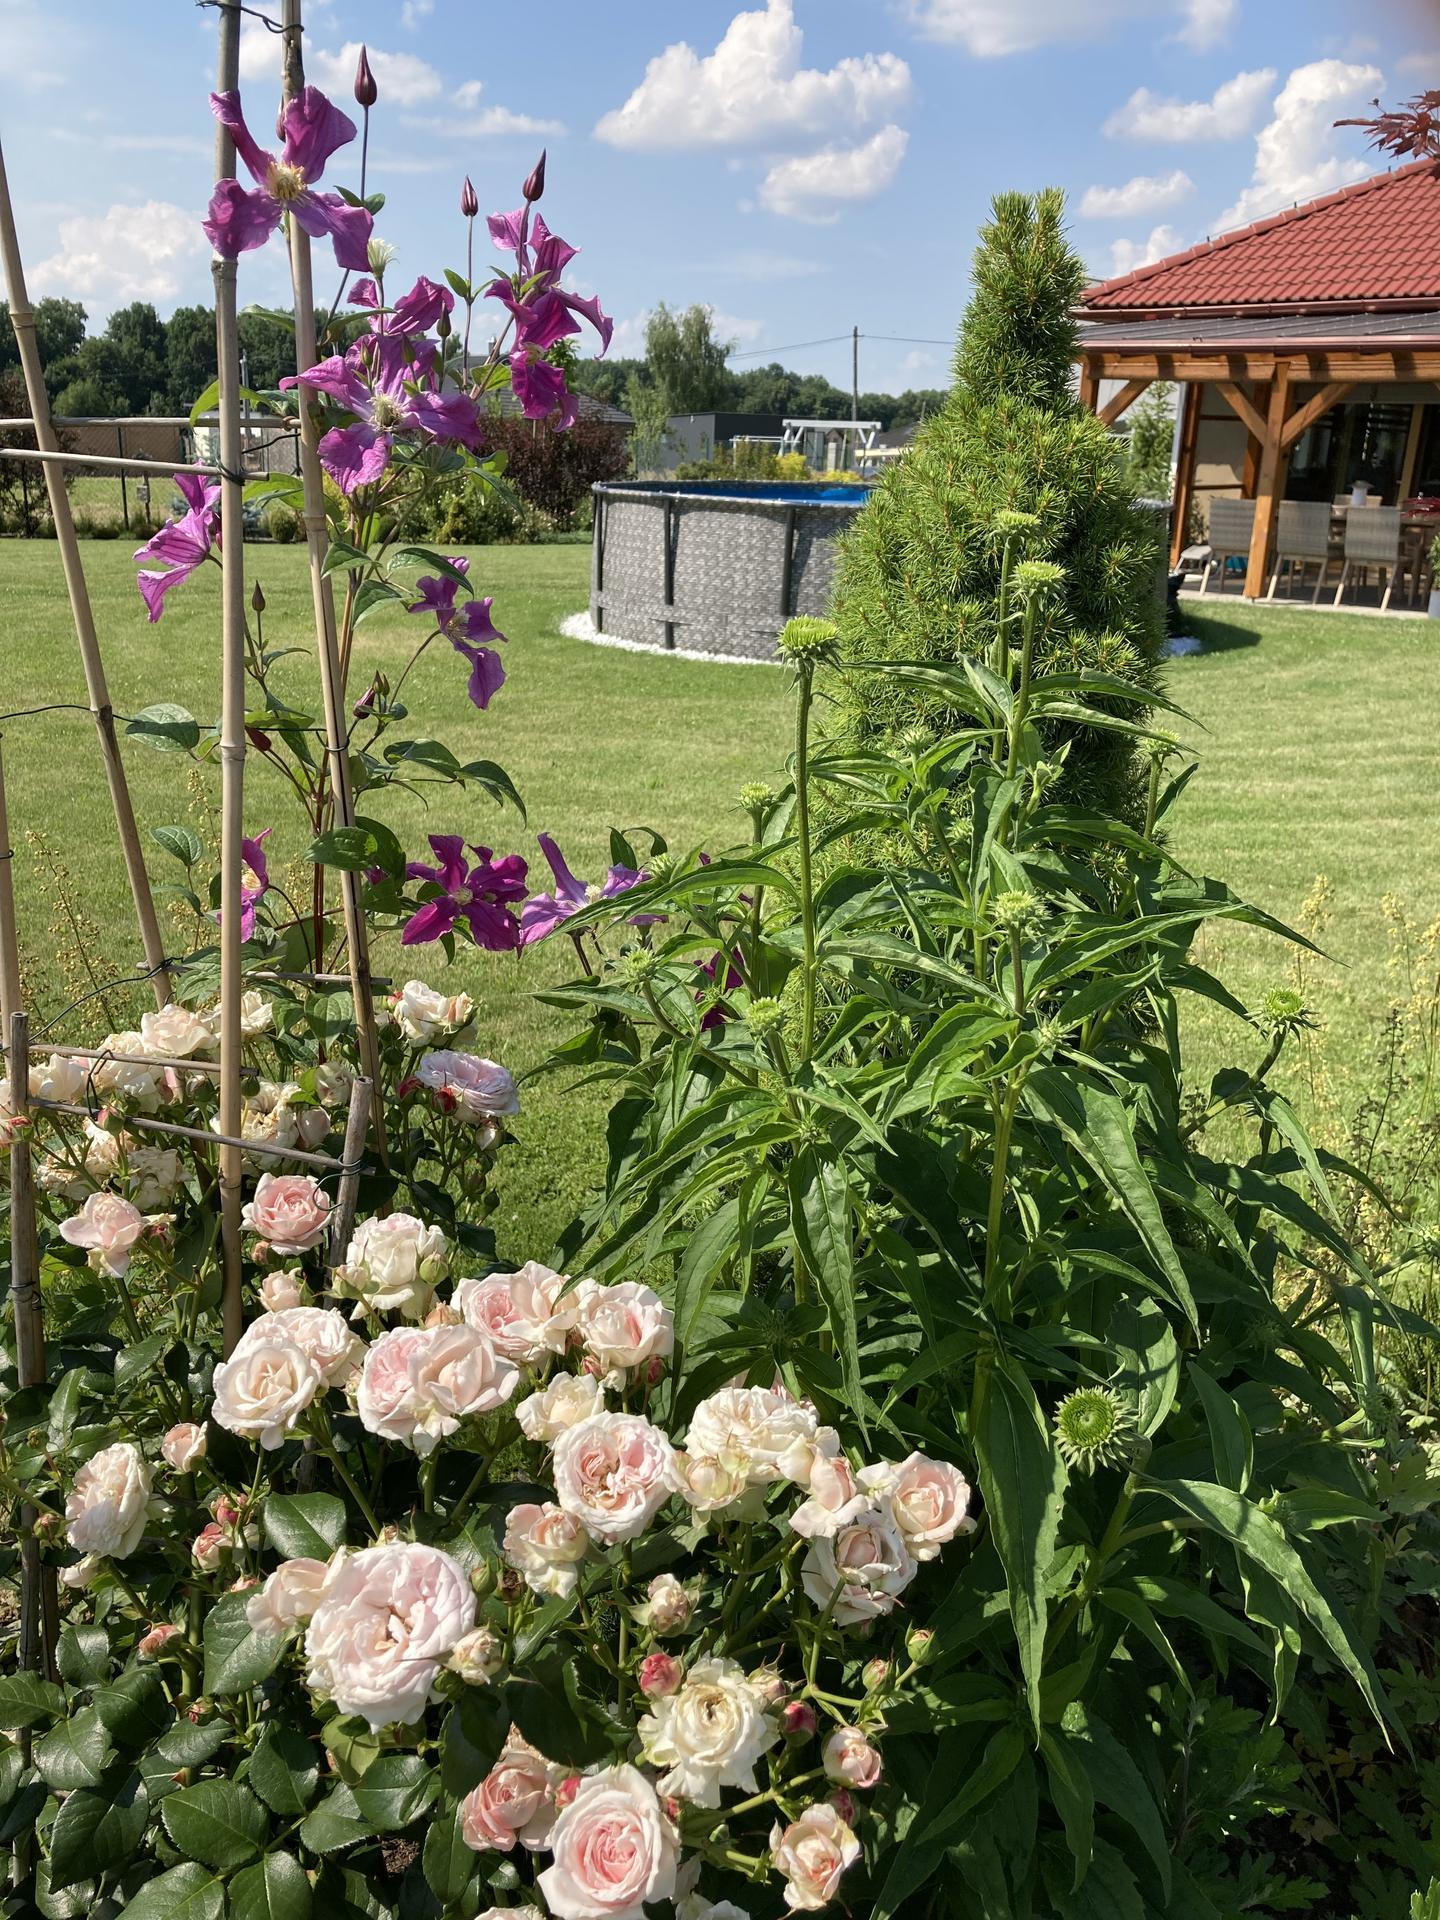 Šestý rok zahradničím - těším se na květy echinacey, letos vyrostla hodně do výšky